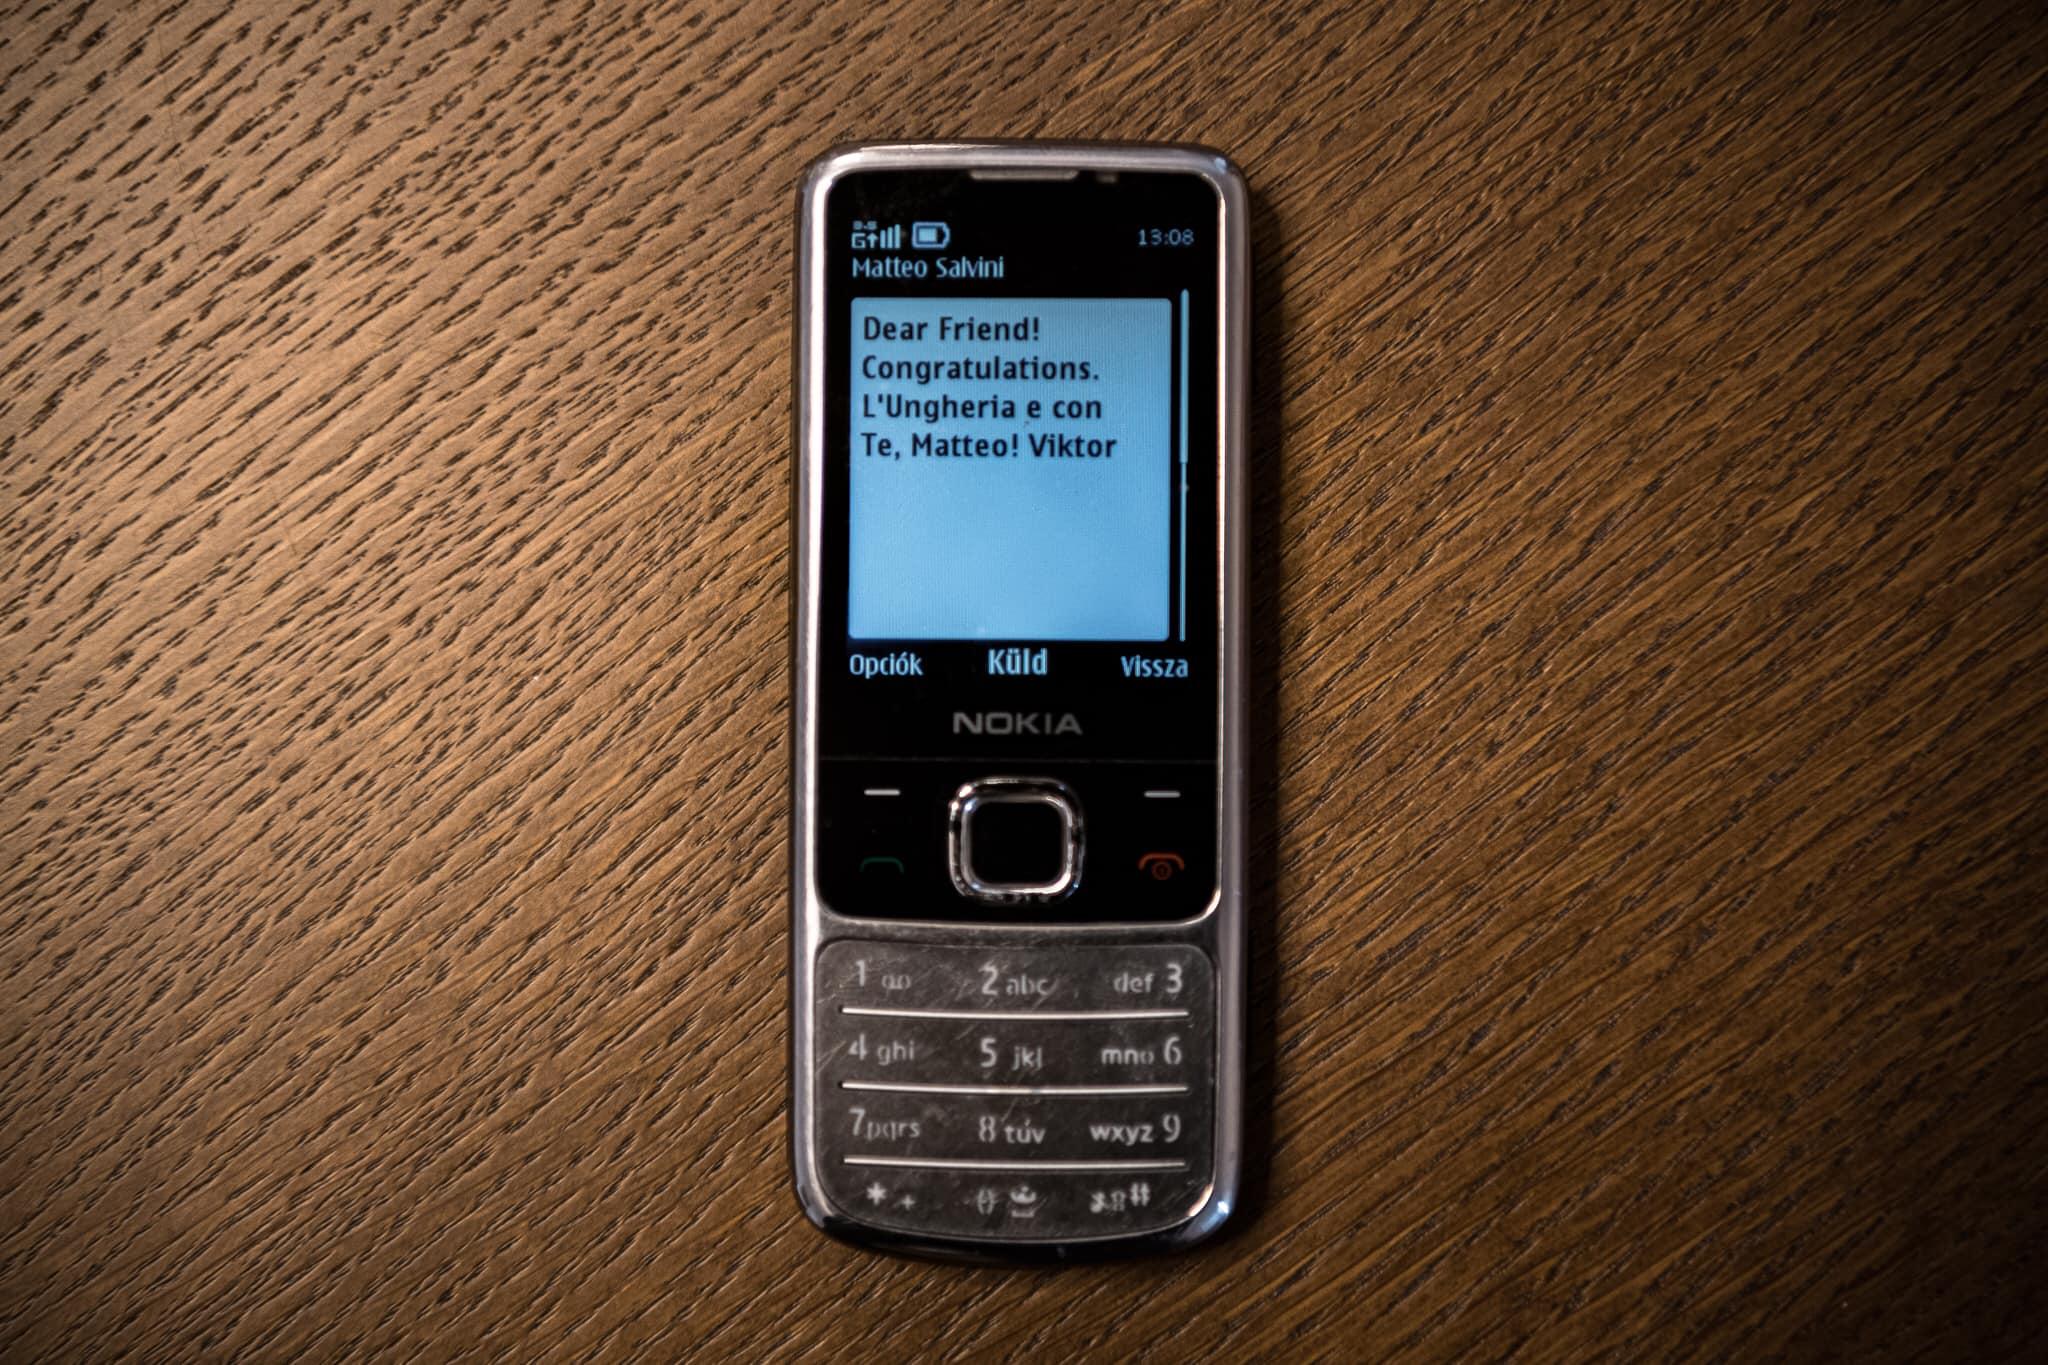 Boomeriáda: Orbán dobott egy SMS-t a Nokia 6700-asáról Salvininek